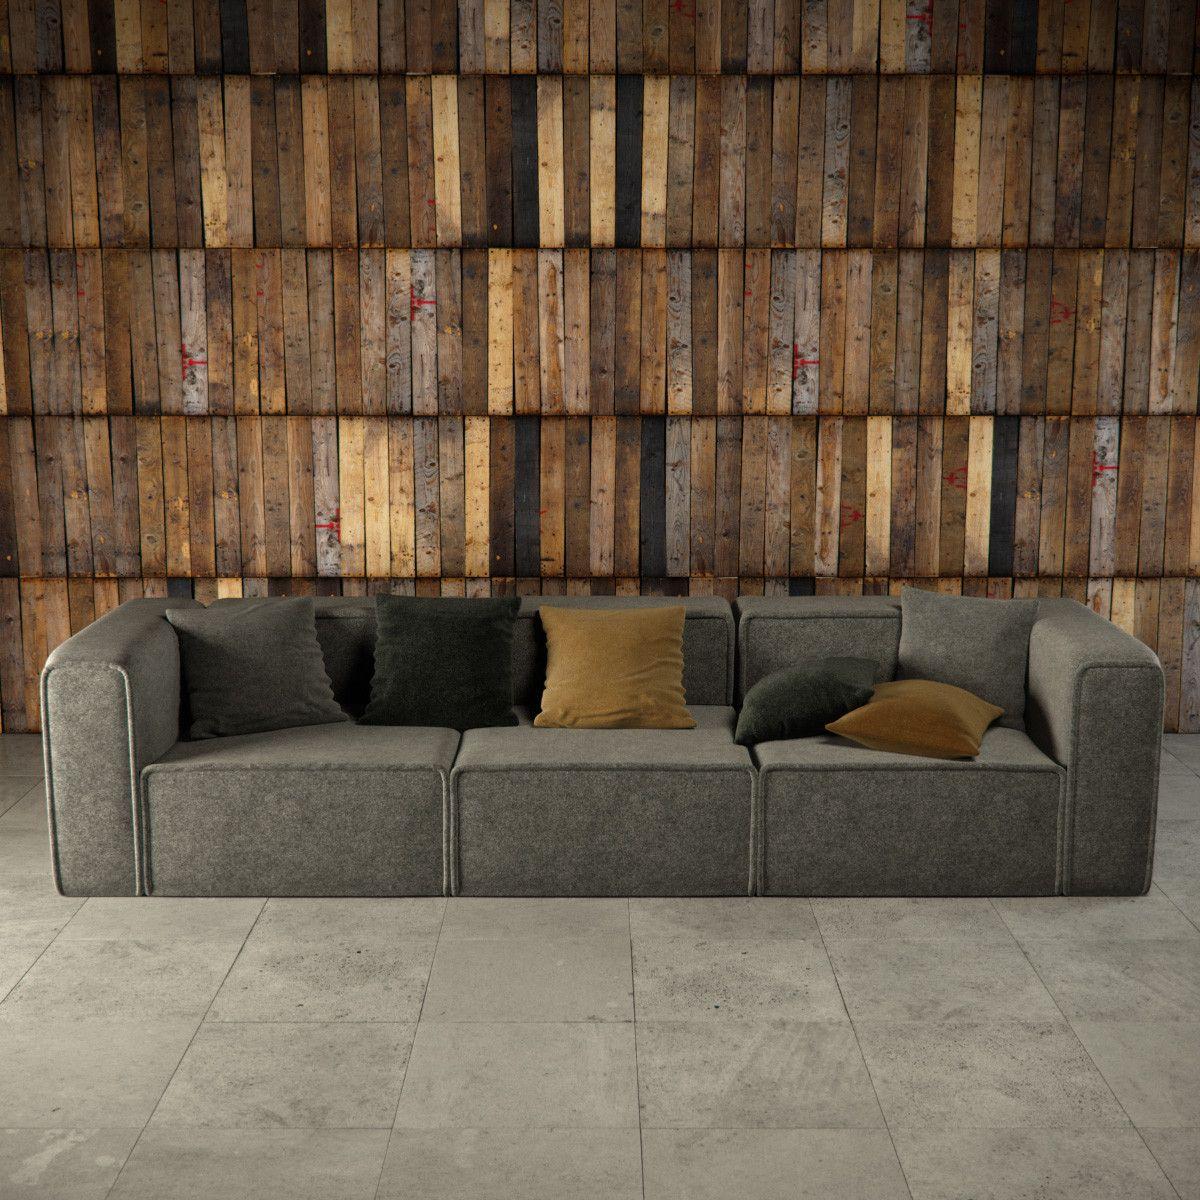 boconcept carmo boconcept pinterest. Black Bedroom Furniture Sets. Home Design Ideas